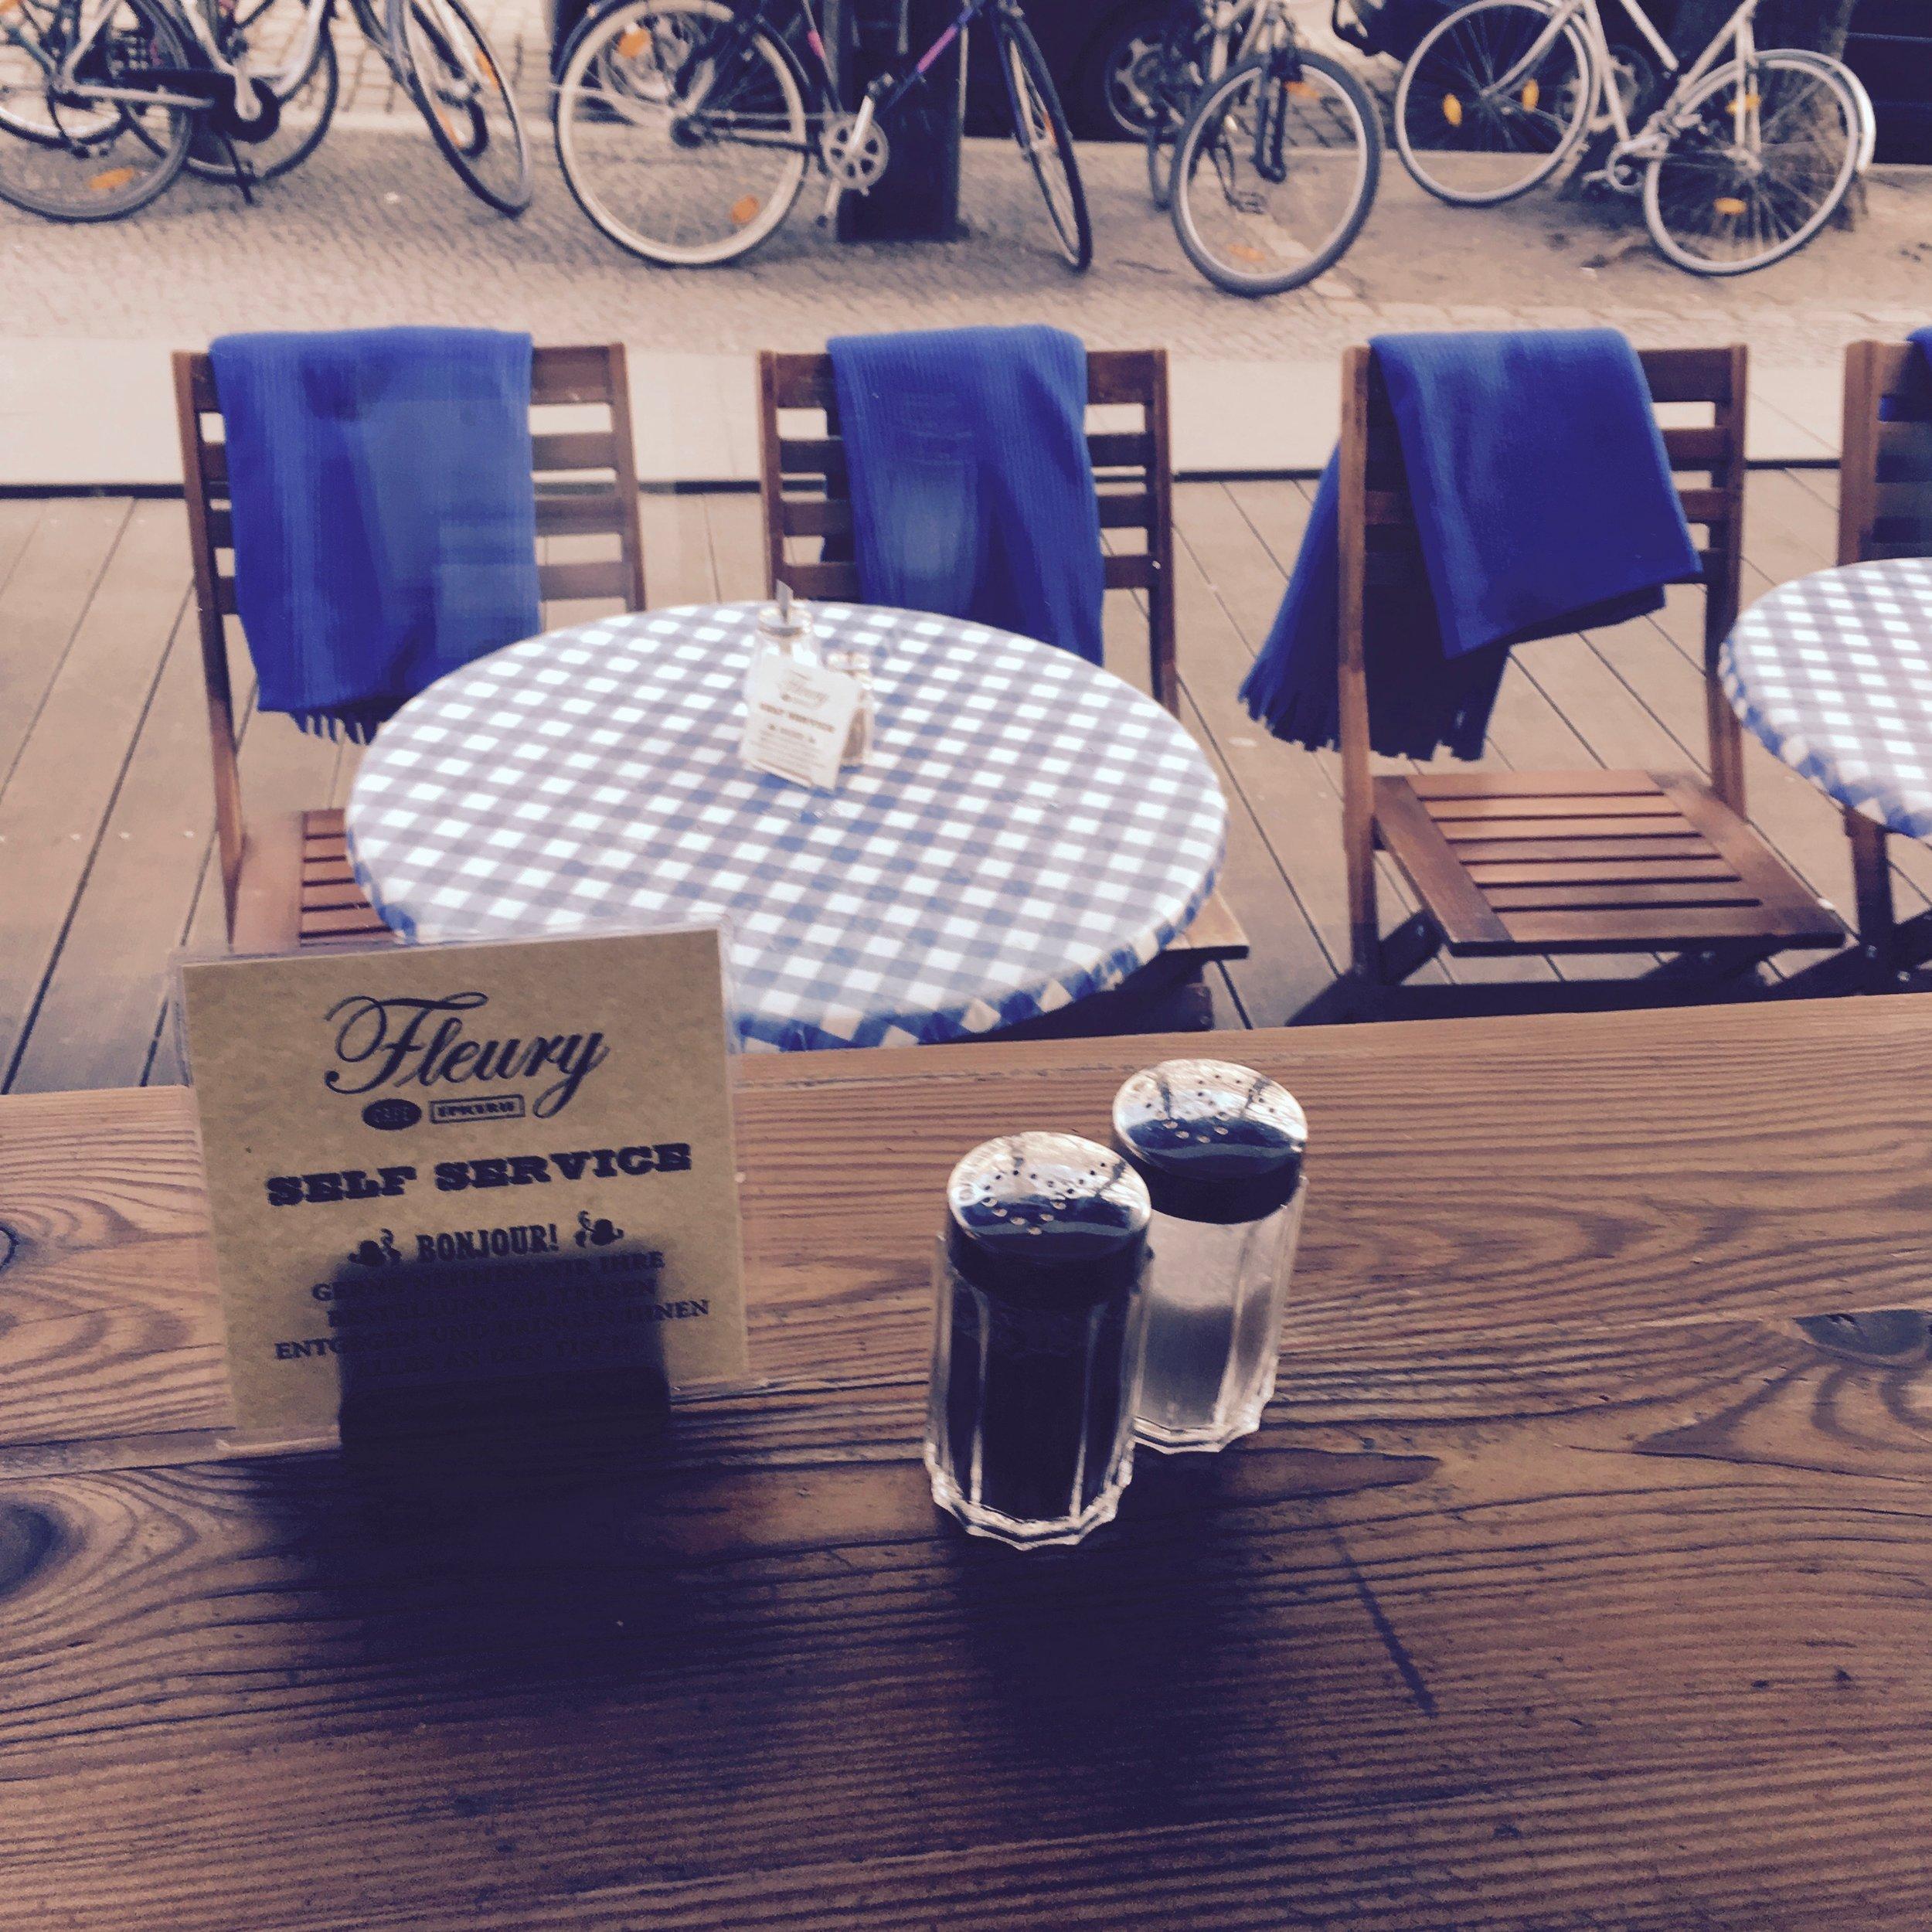 Reiseblog Travelblog BeFifty Blog für Frauen über 50 Reisetipps Blog für Frauen über 40 Berlin Restaurants Tipps